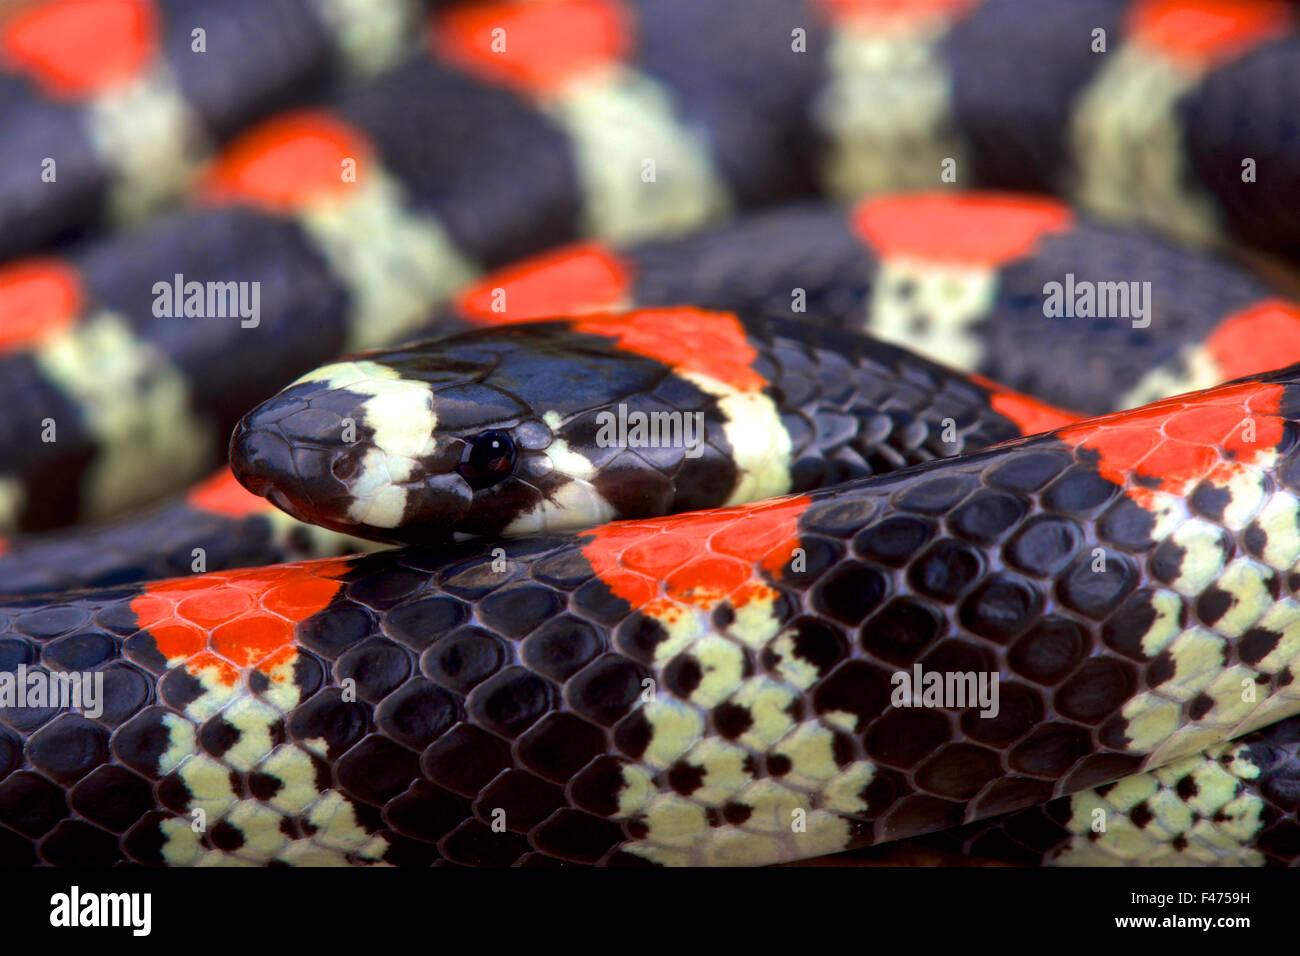 Black-banded centipede eating snake (Scolecophis atrocinctus) - Stock Image